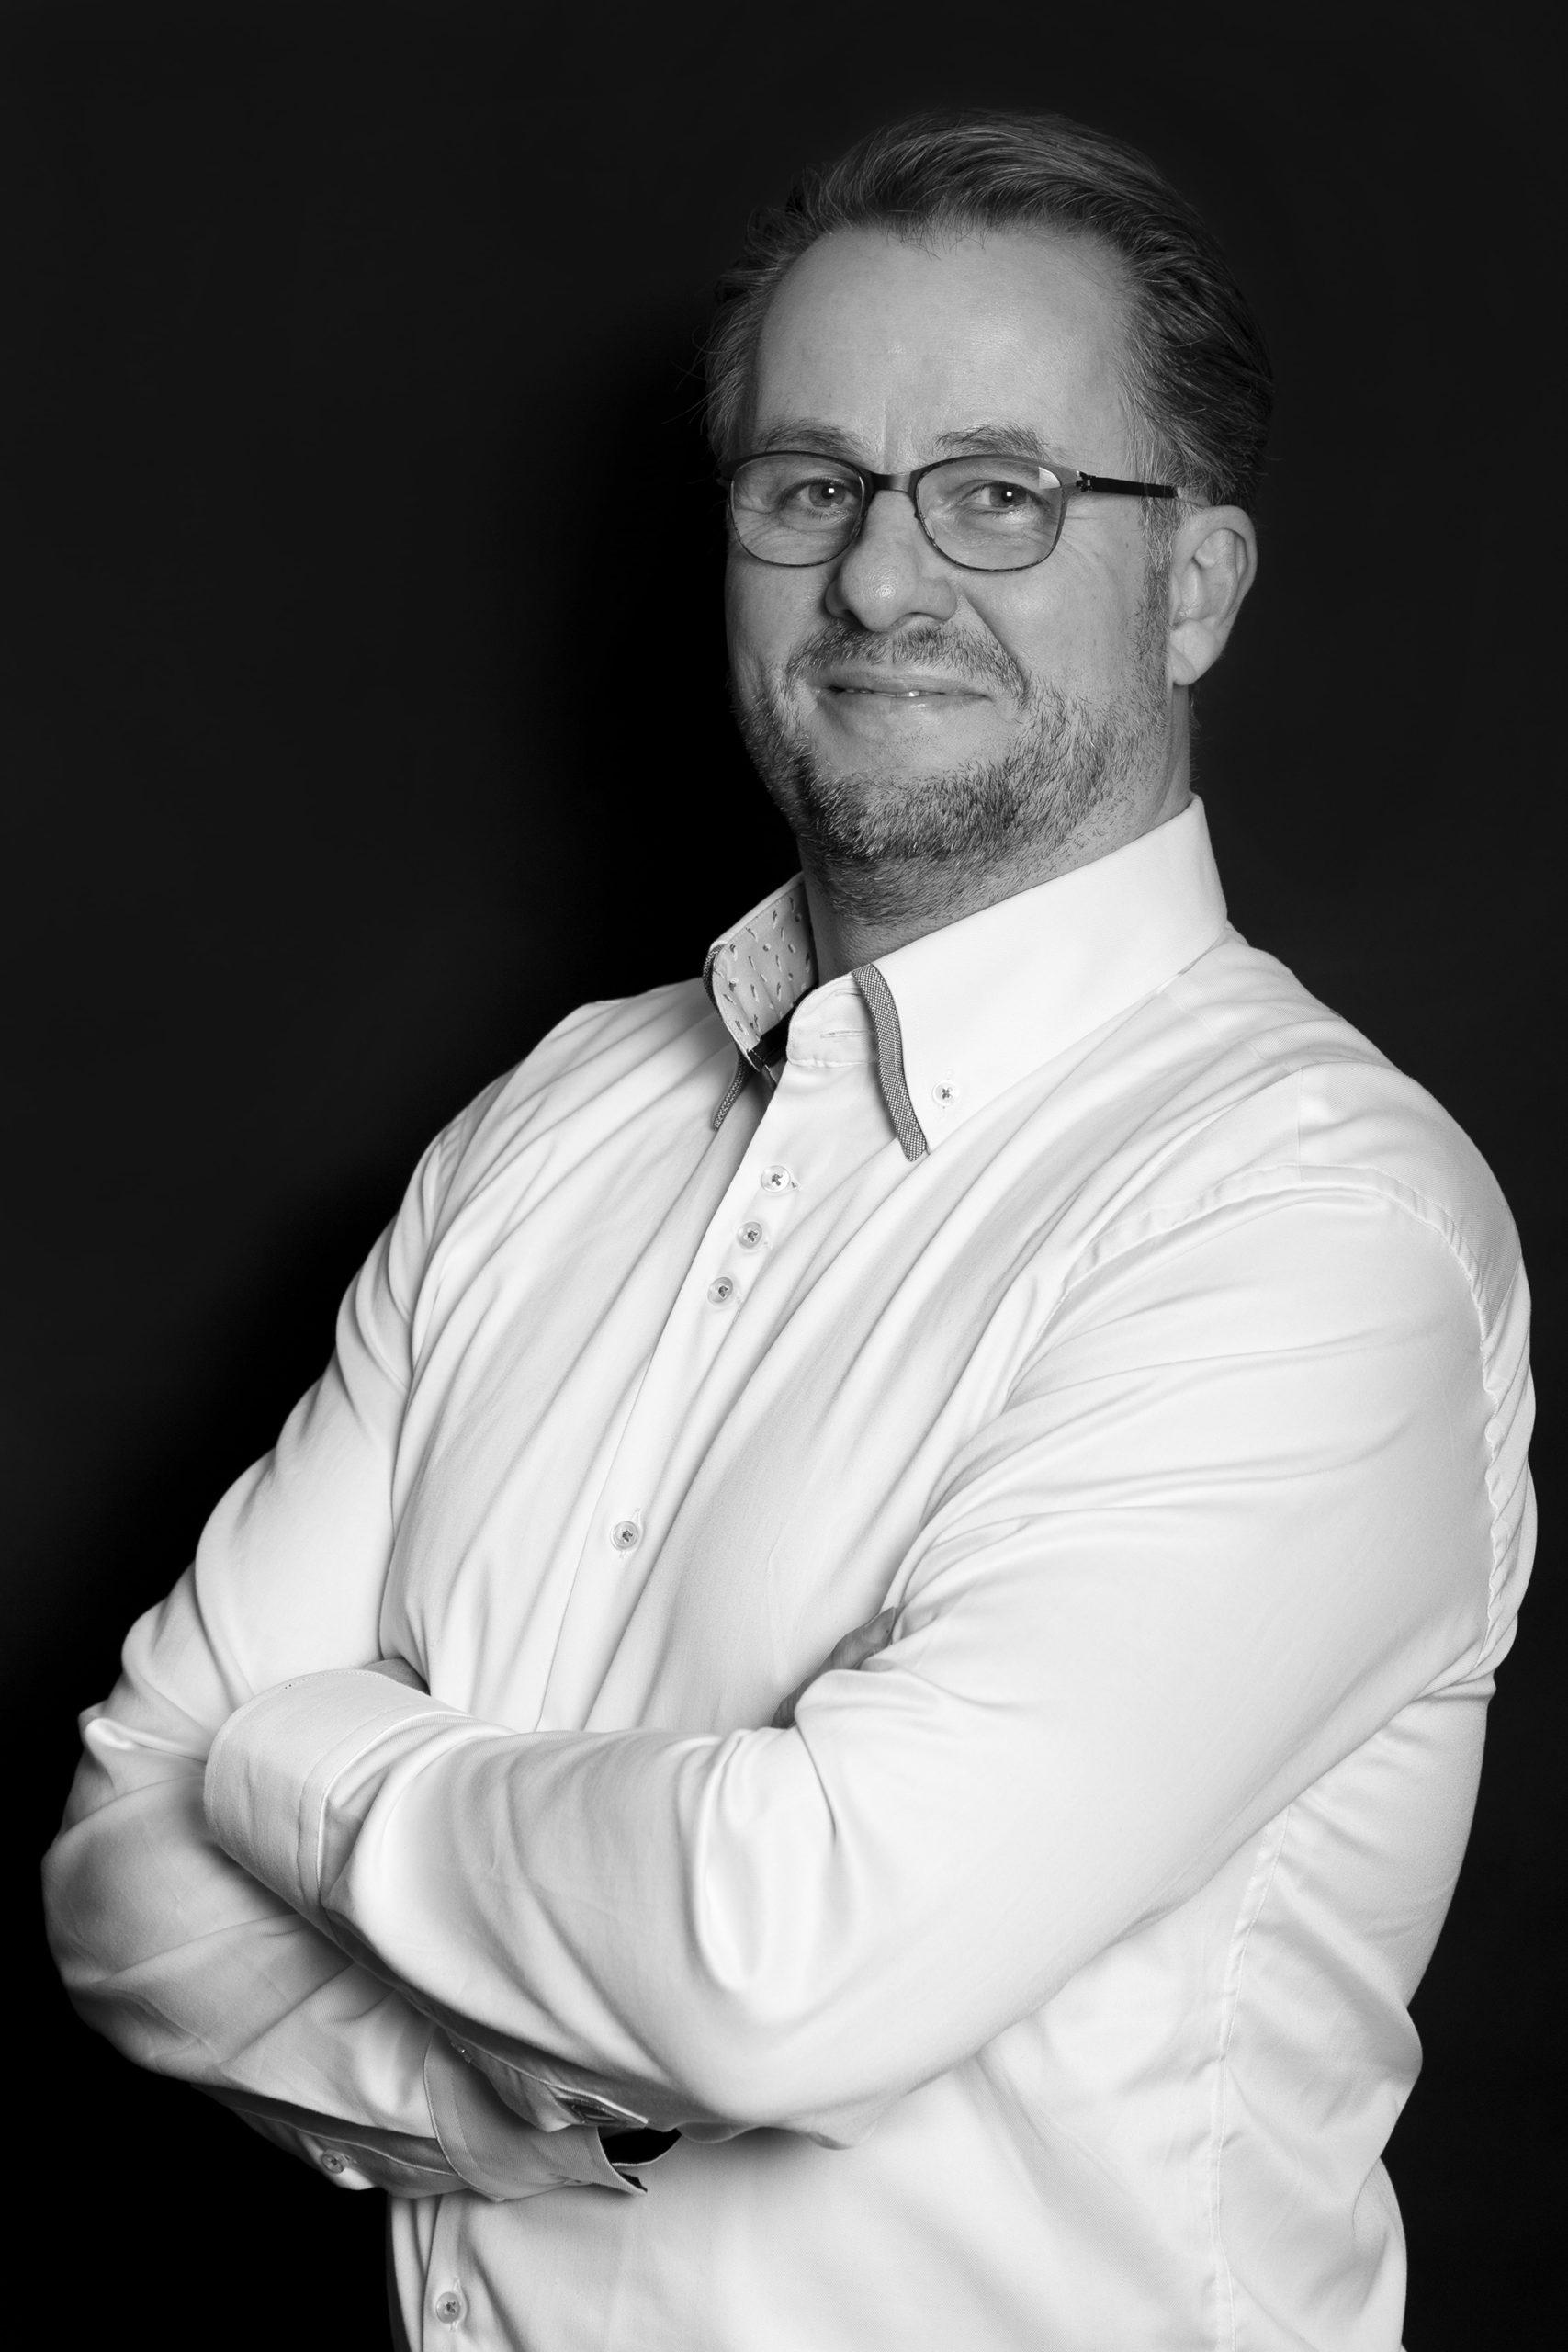 Marc van Oppen